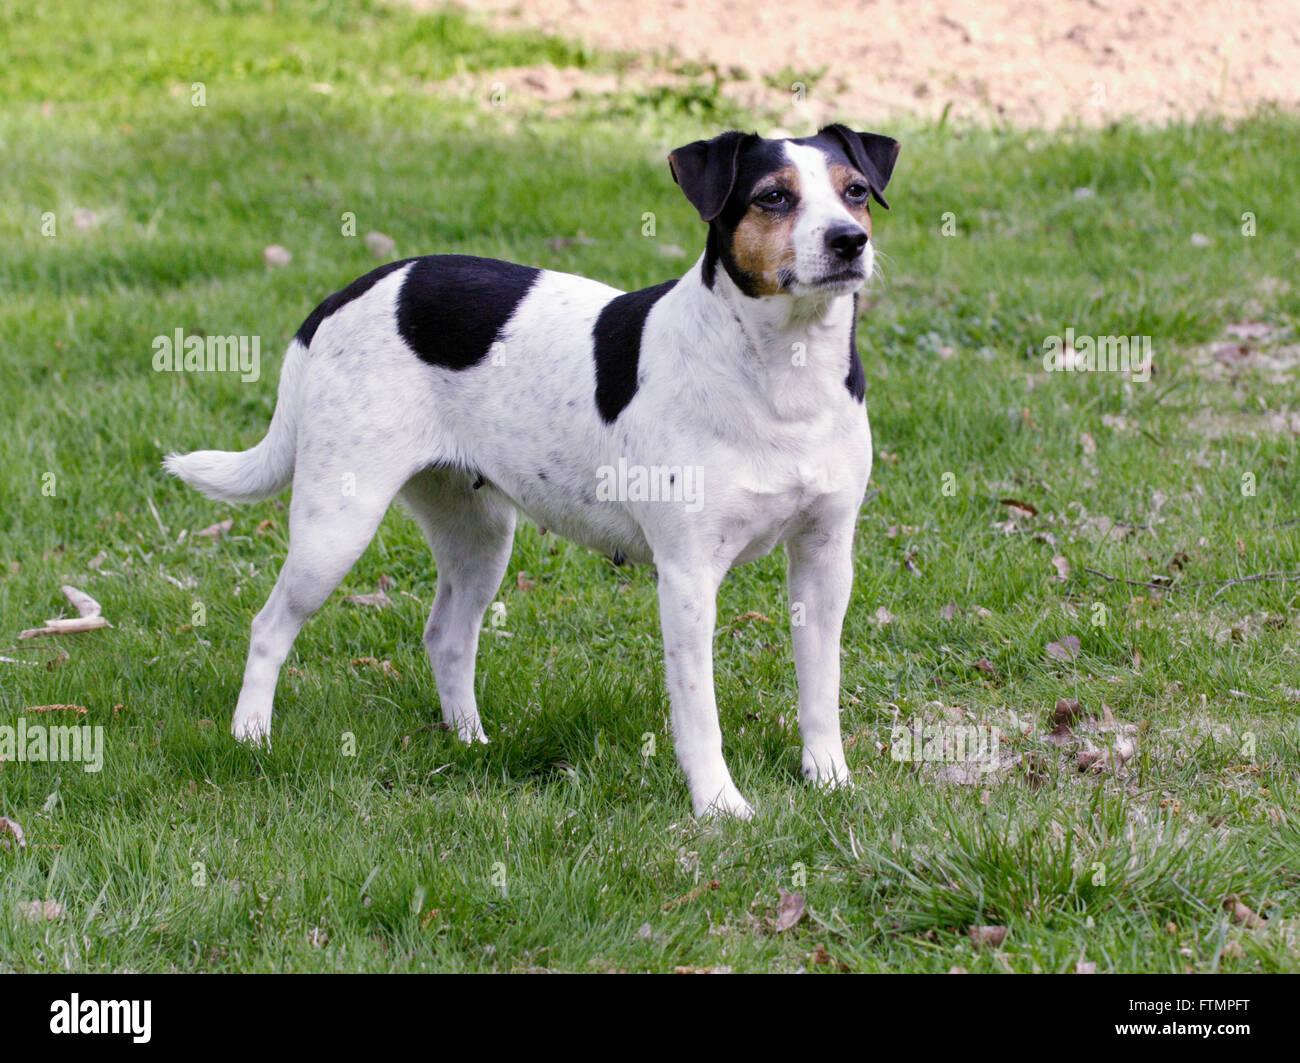 Danish-Swedish farm dog - Stock Image